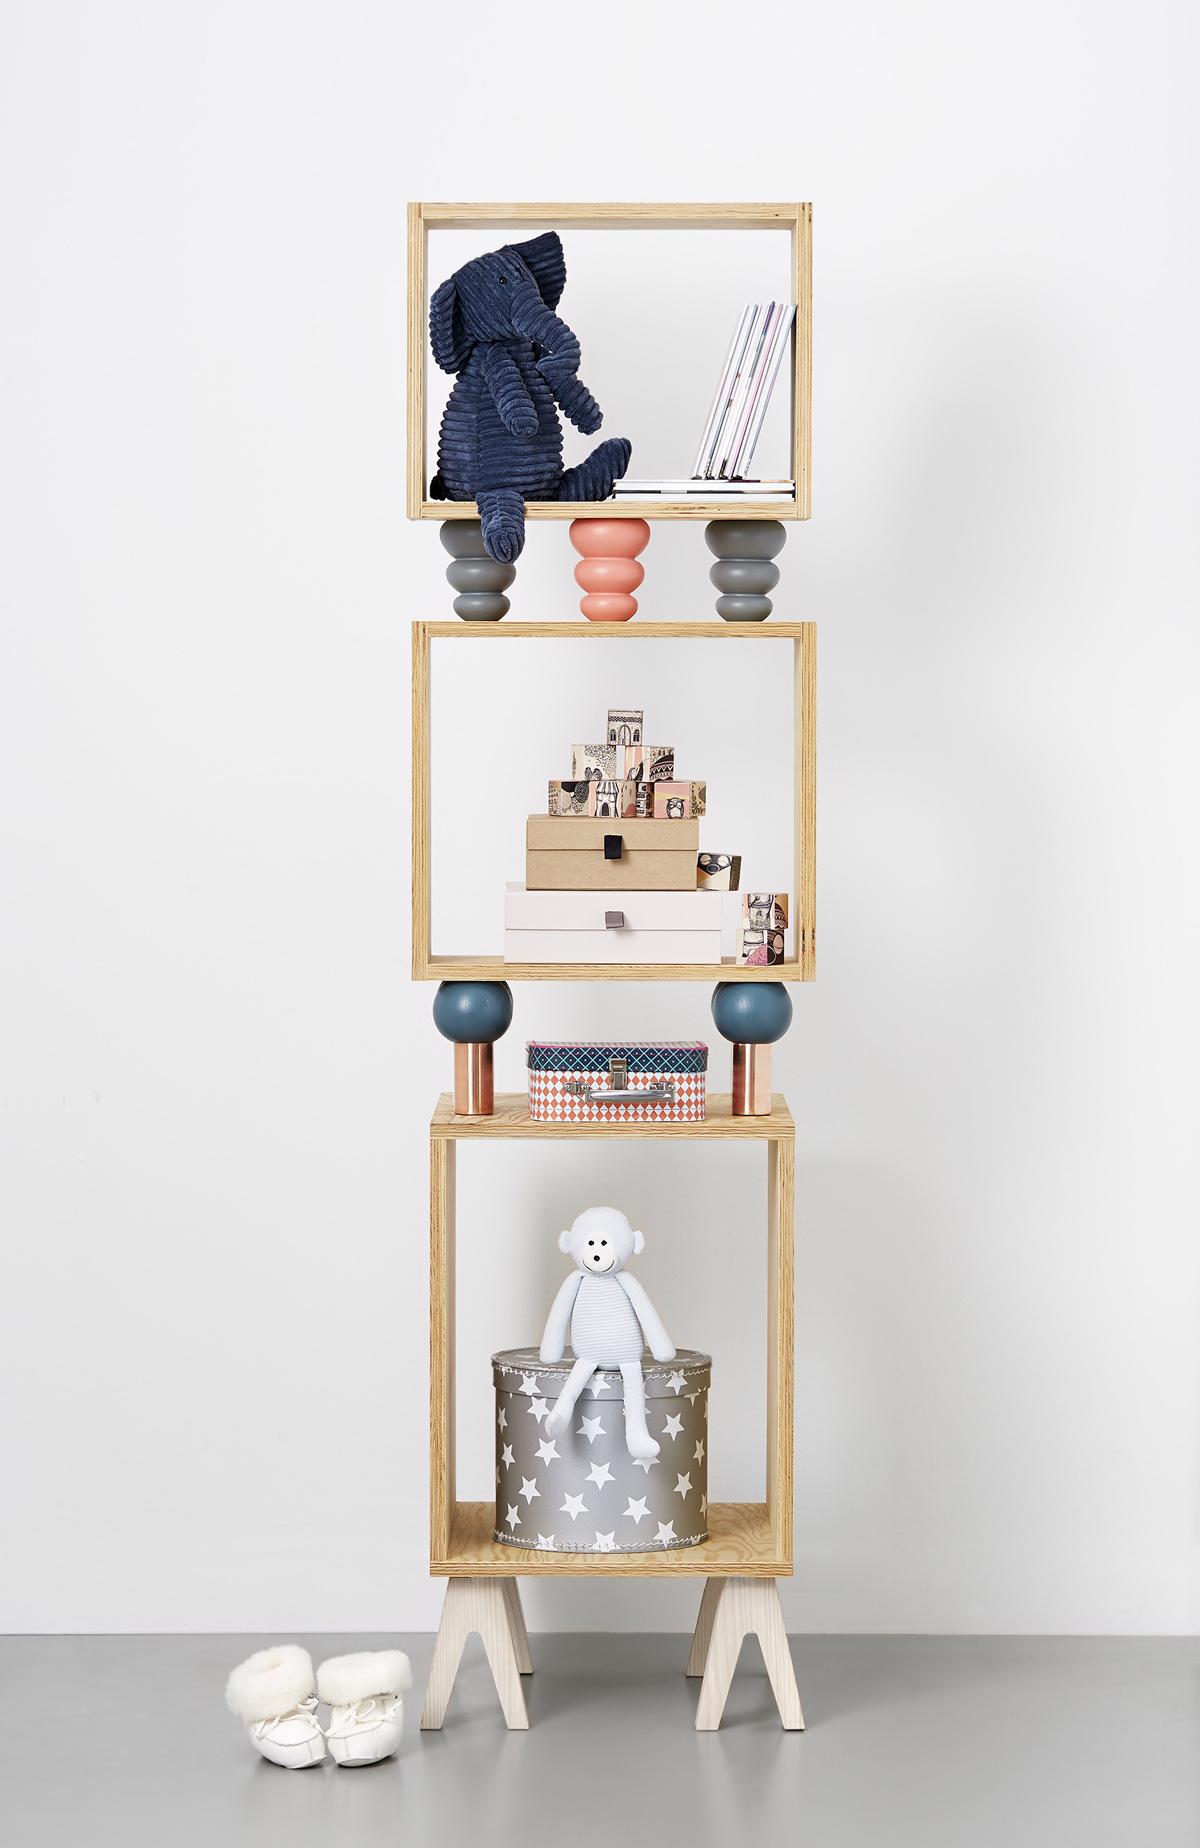 Ikea pomelli 28 images maniglie cucina ikea maniglie e pomelli per mobili ikea v 196 rde - Pomelli per mobili bambini ...